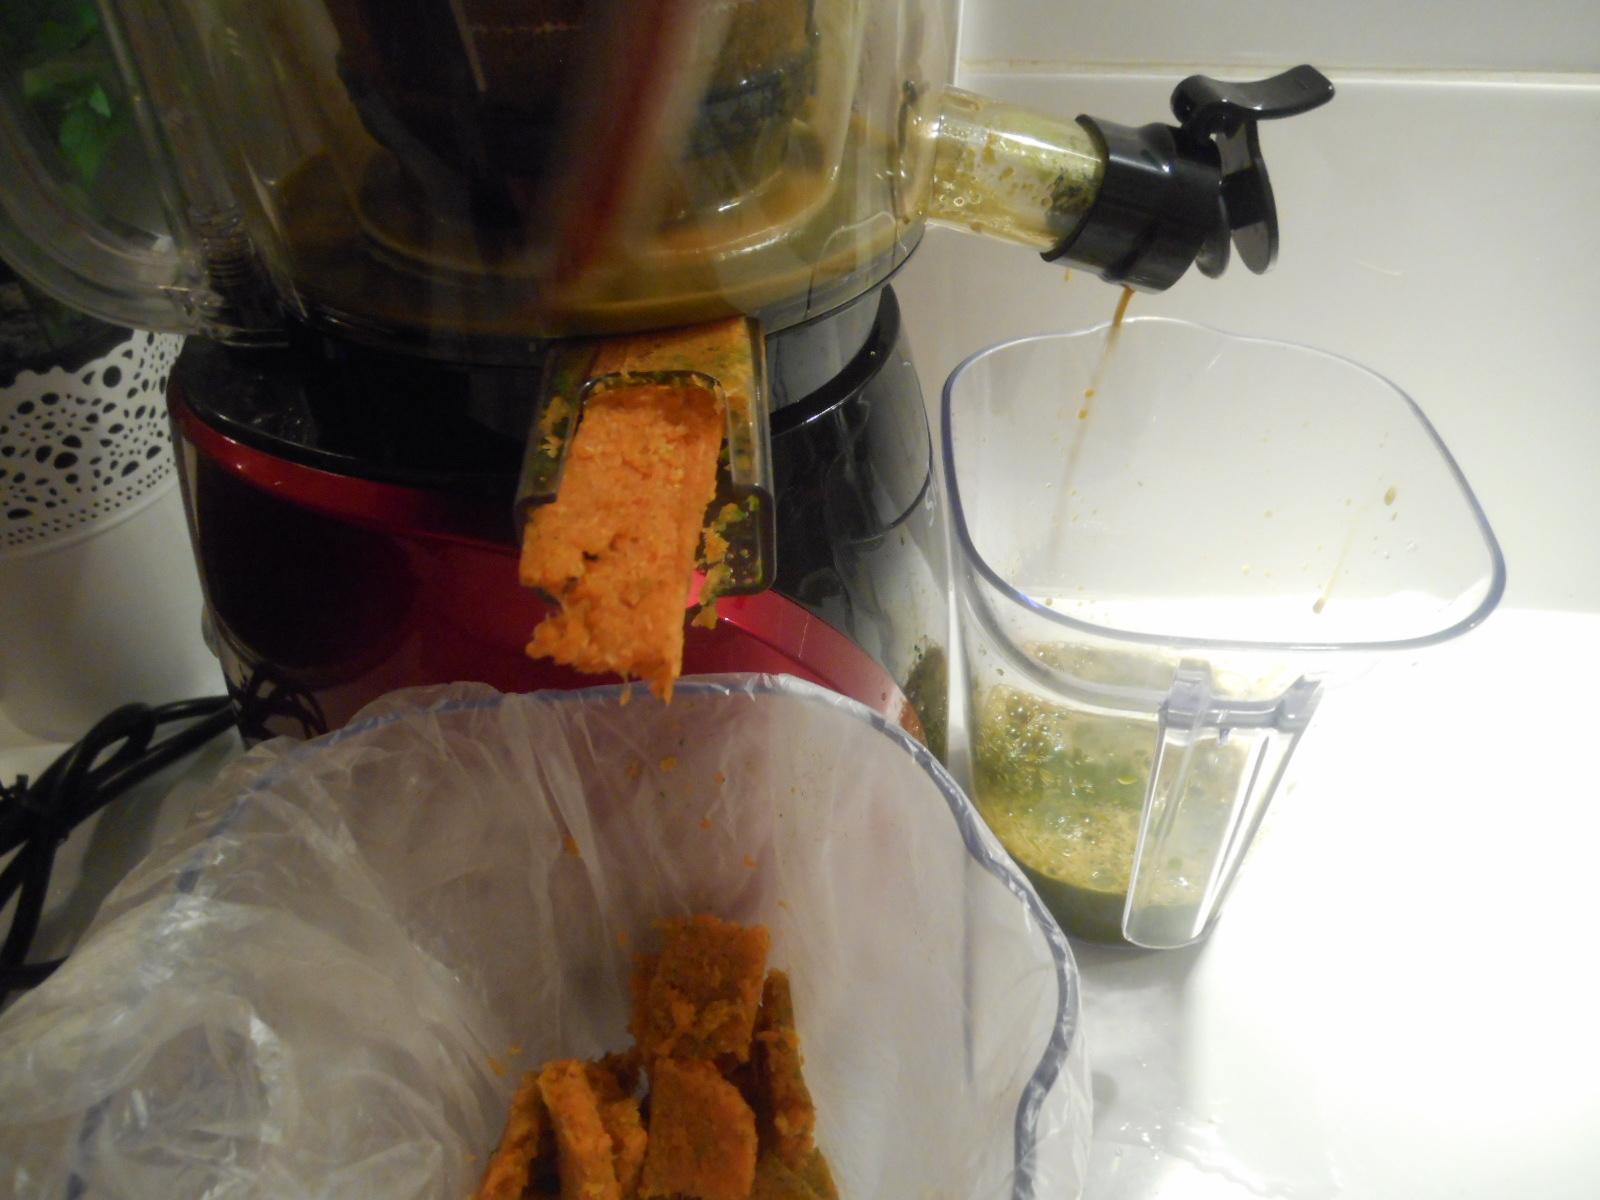 Carottes et pinards pour pr parer les jus de l gumes - Robot pour raper les carottes ...